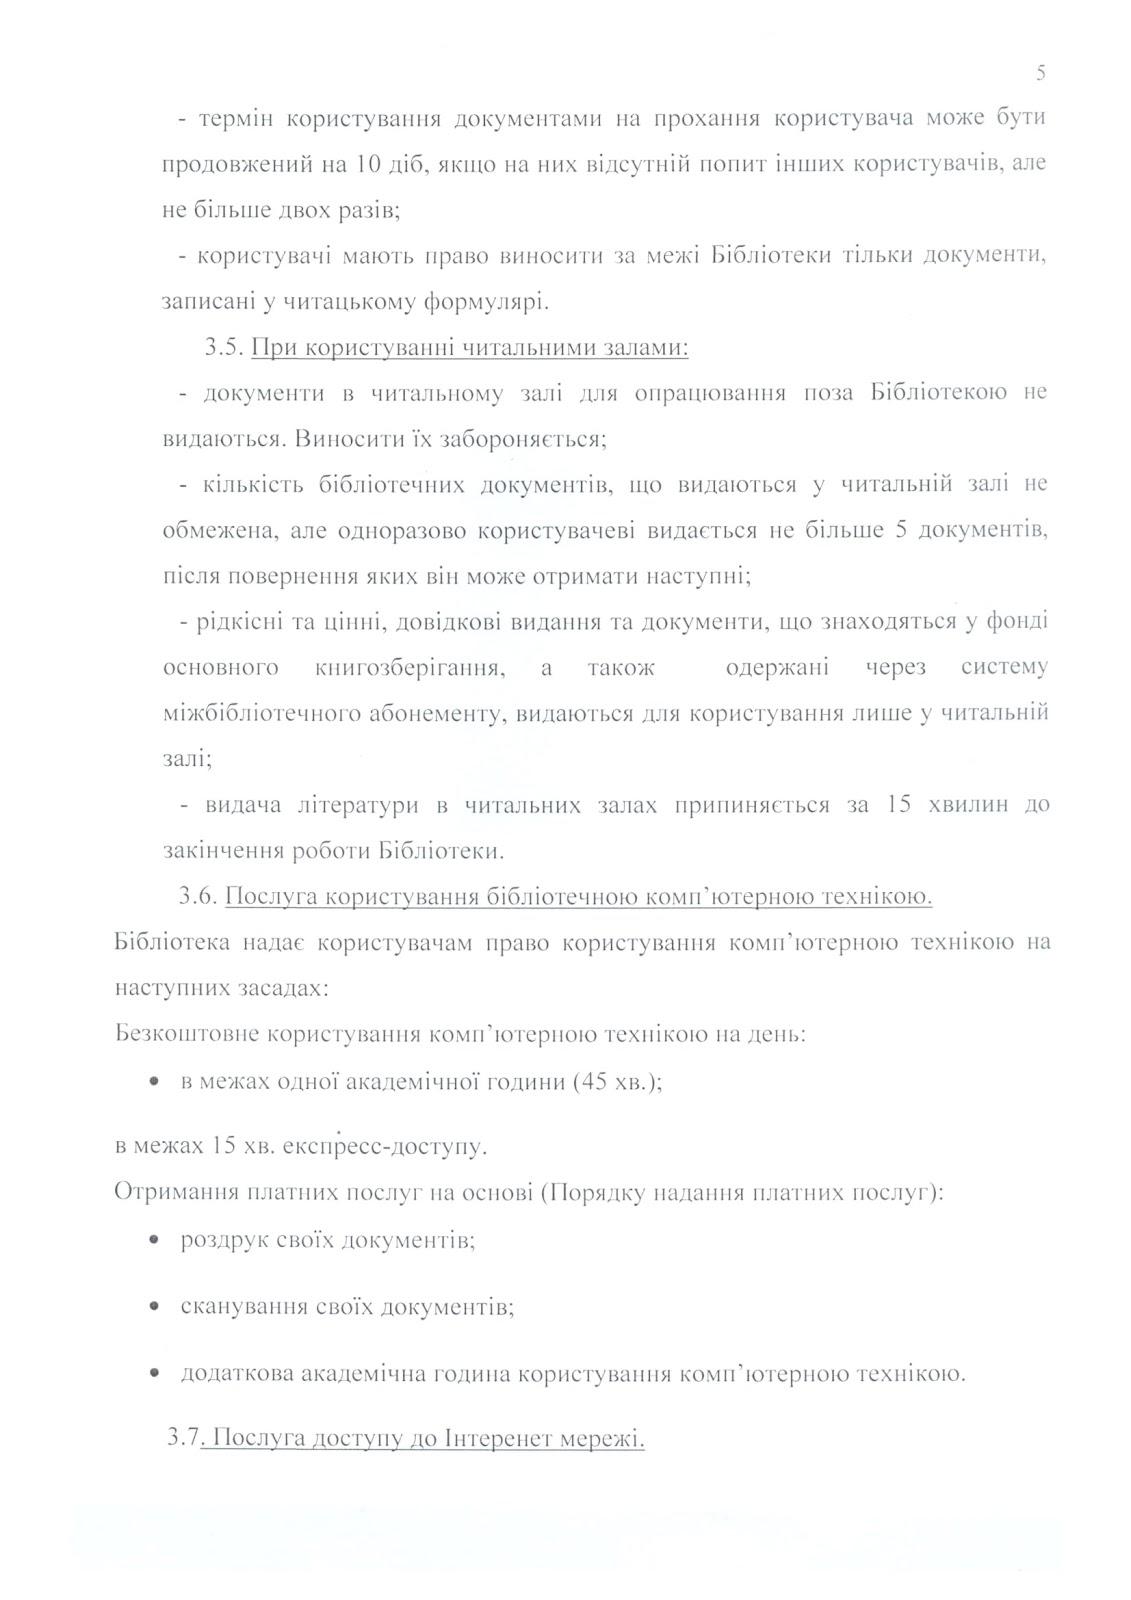 Правила користування ДБУ для юнацтва-5.jpg